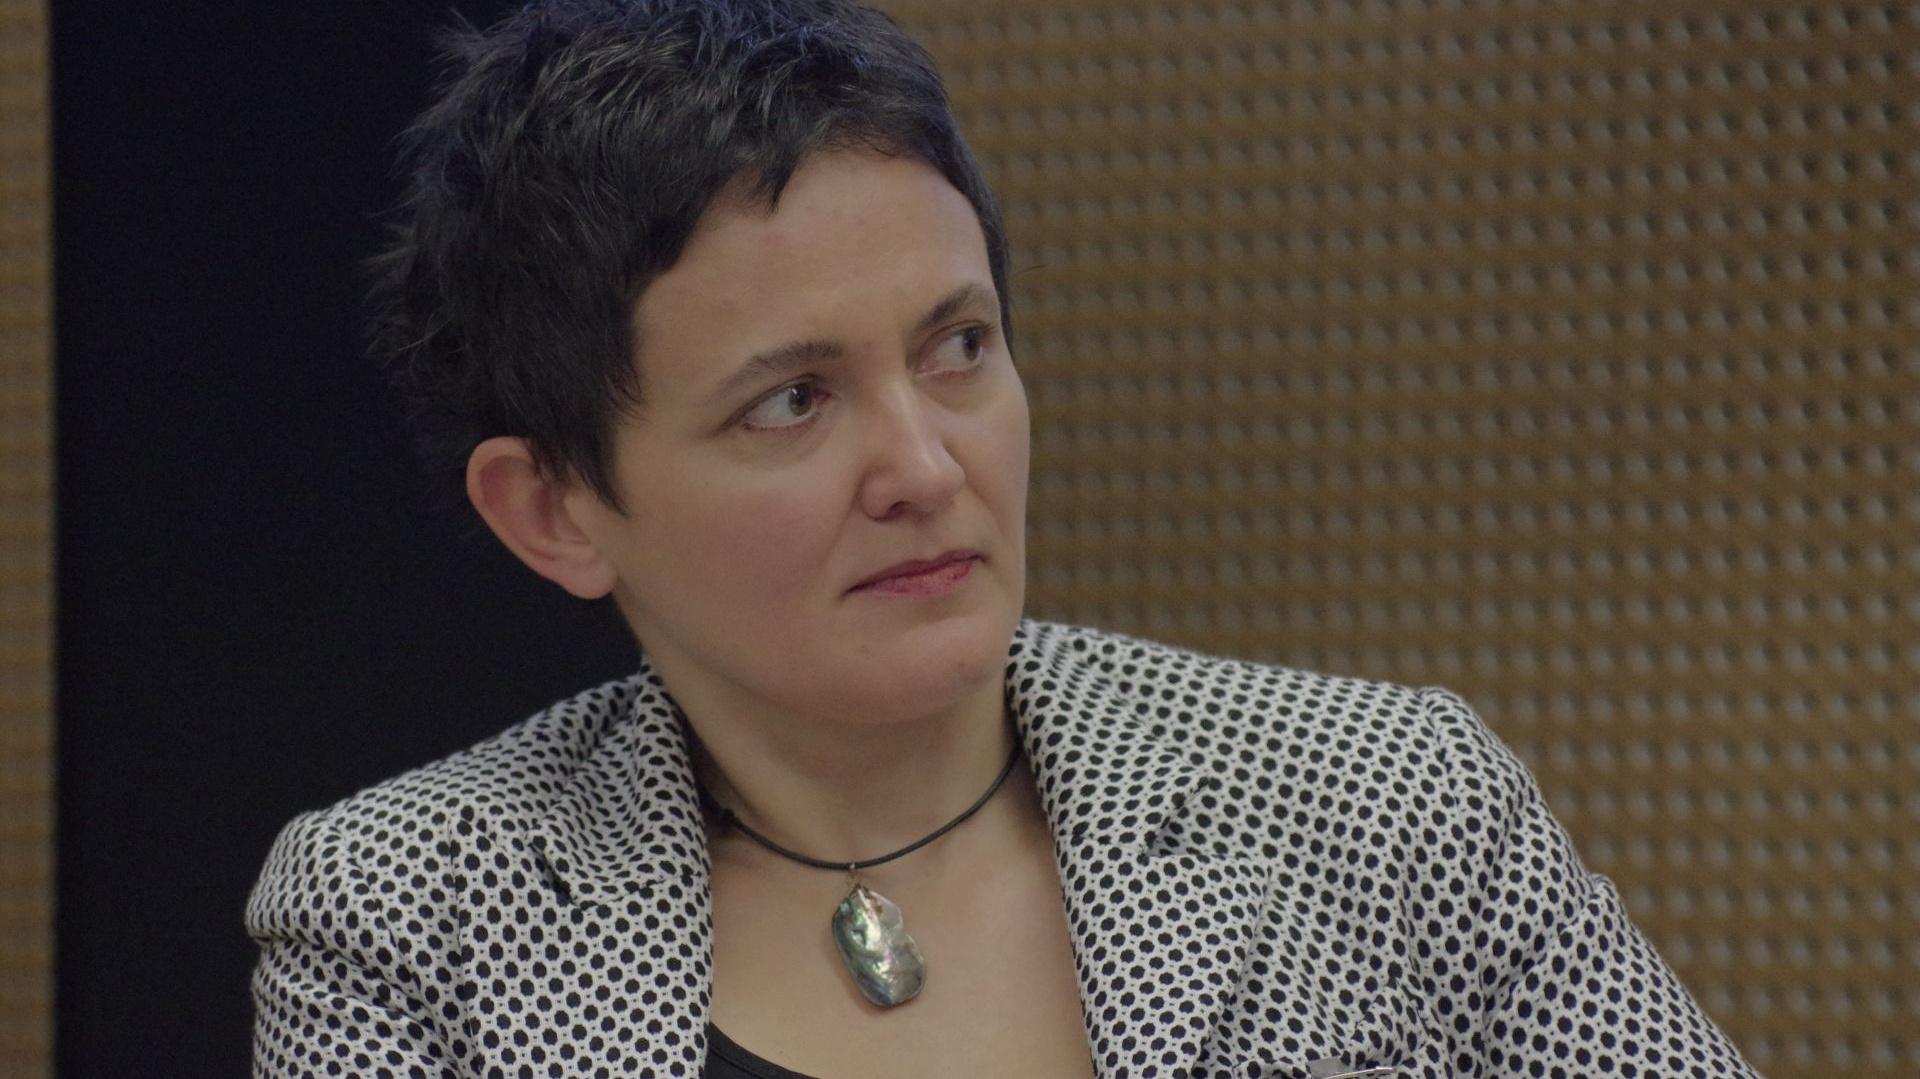 Dr Magdalena Berlińska, designer i kierownik Zakładu Wzornictwa Instytutu Wzornictwa Politechniki Koszalińskiej była jedną z panelistek biorących udział w dyskusji o nomadyzmie. Fot. Piotr Waniorek.